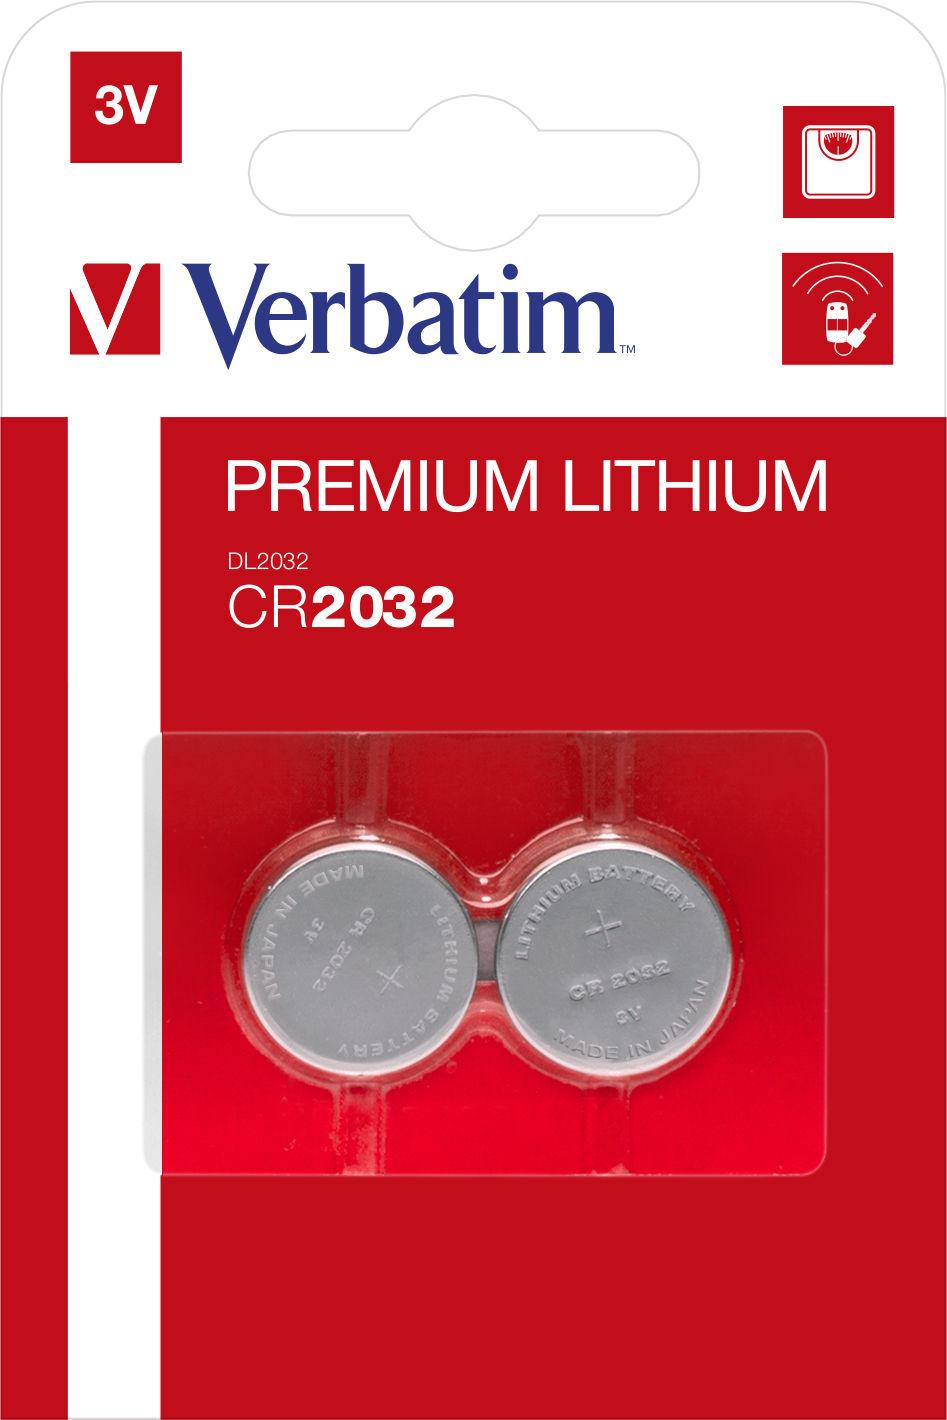 Verbatim Premium Lithium CR2032 (2 pz)